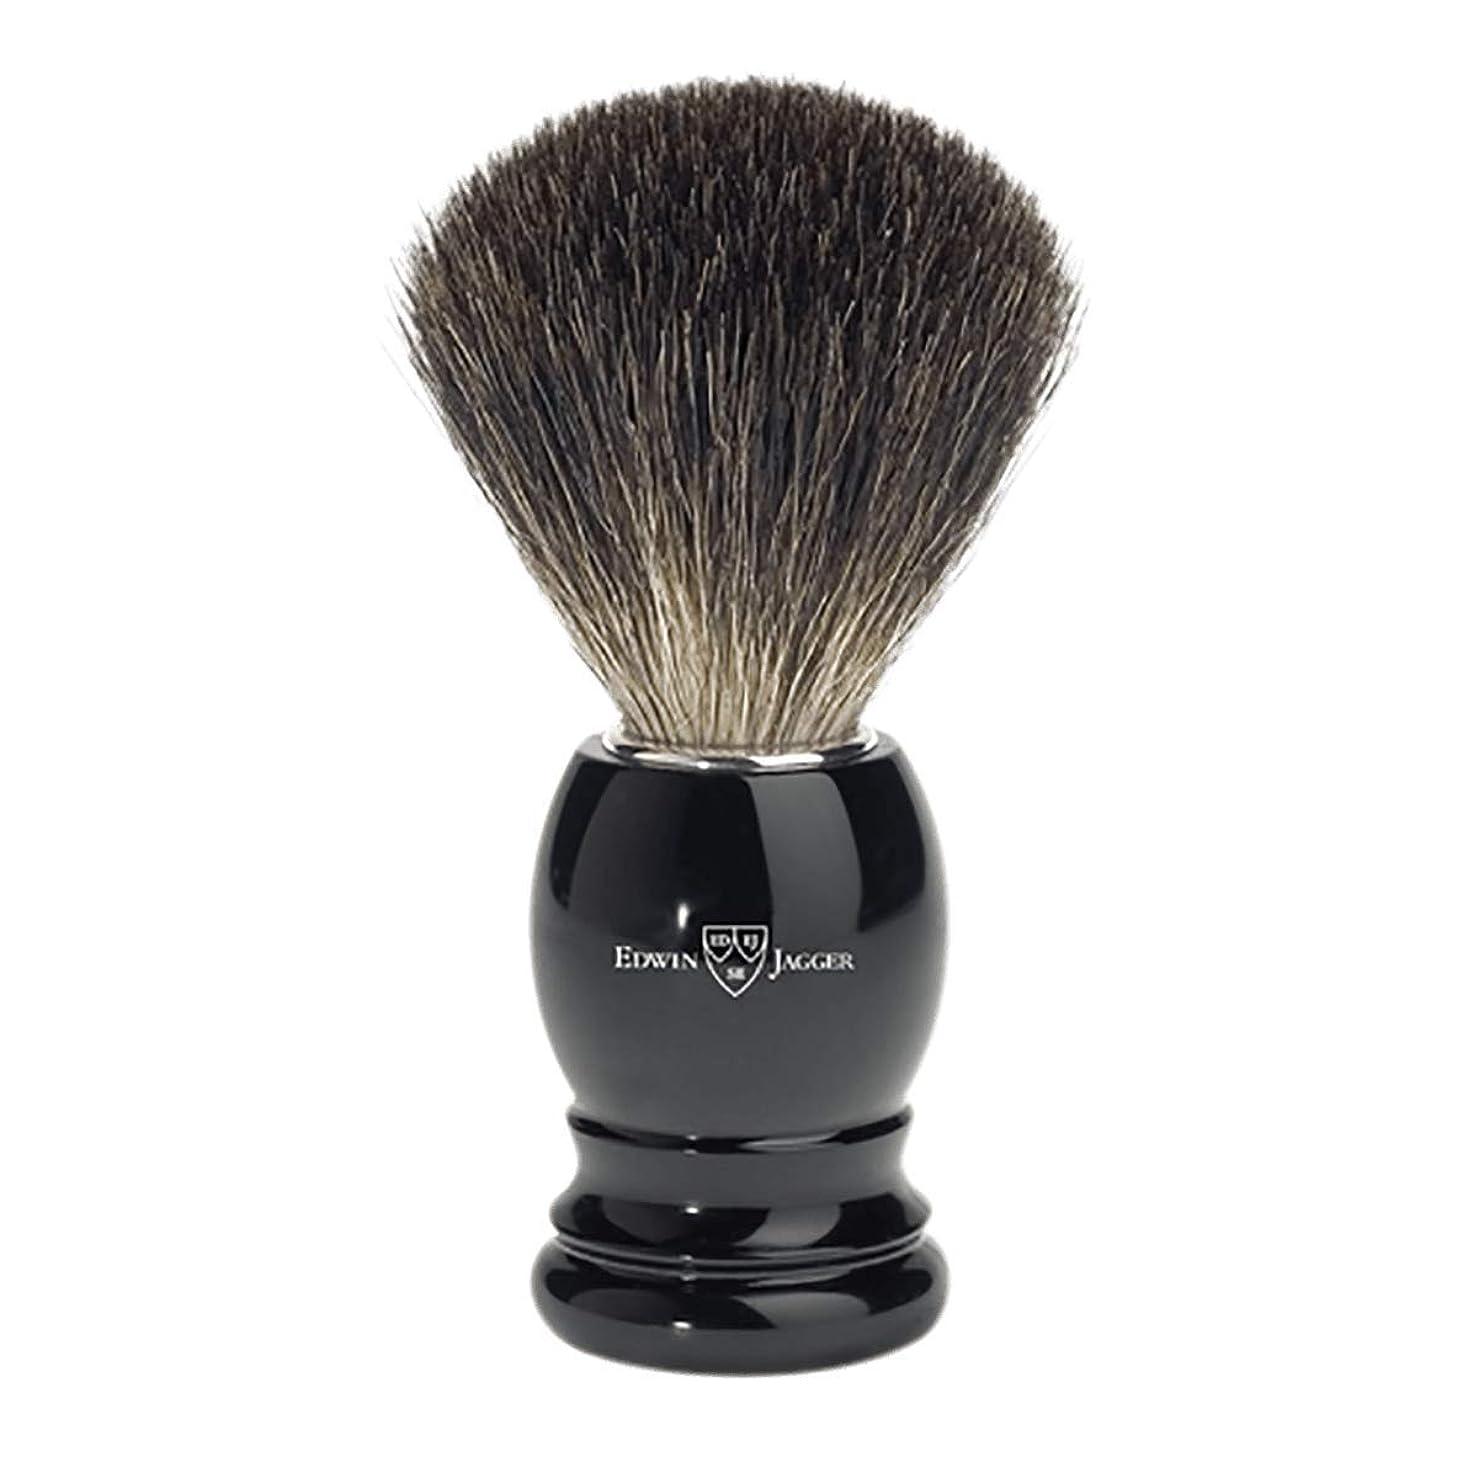 階排気誤解させるエドウィンジャガー ブラックイミテーションエボニーベストバジャーシェービングブラシ81P26[海外直送品]Edwin Jagger Black Imitation Ebony Best Badger Shaving Brush 81P26 [並行輸入品]